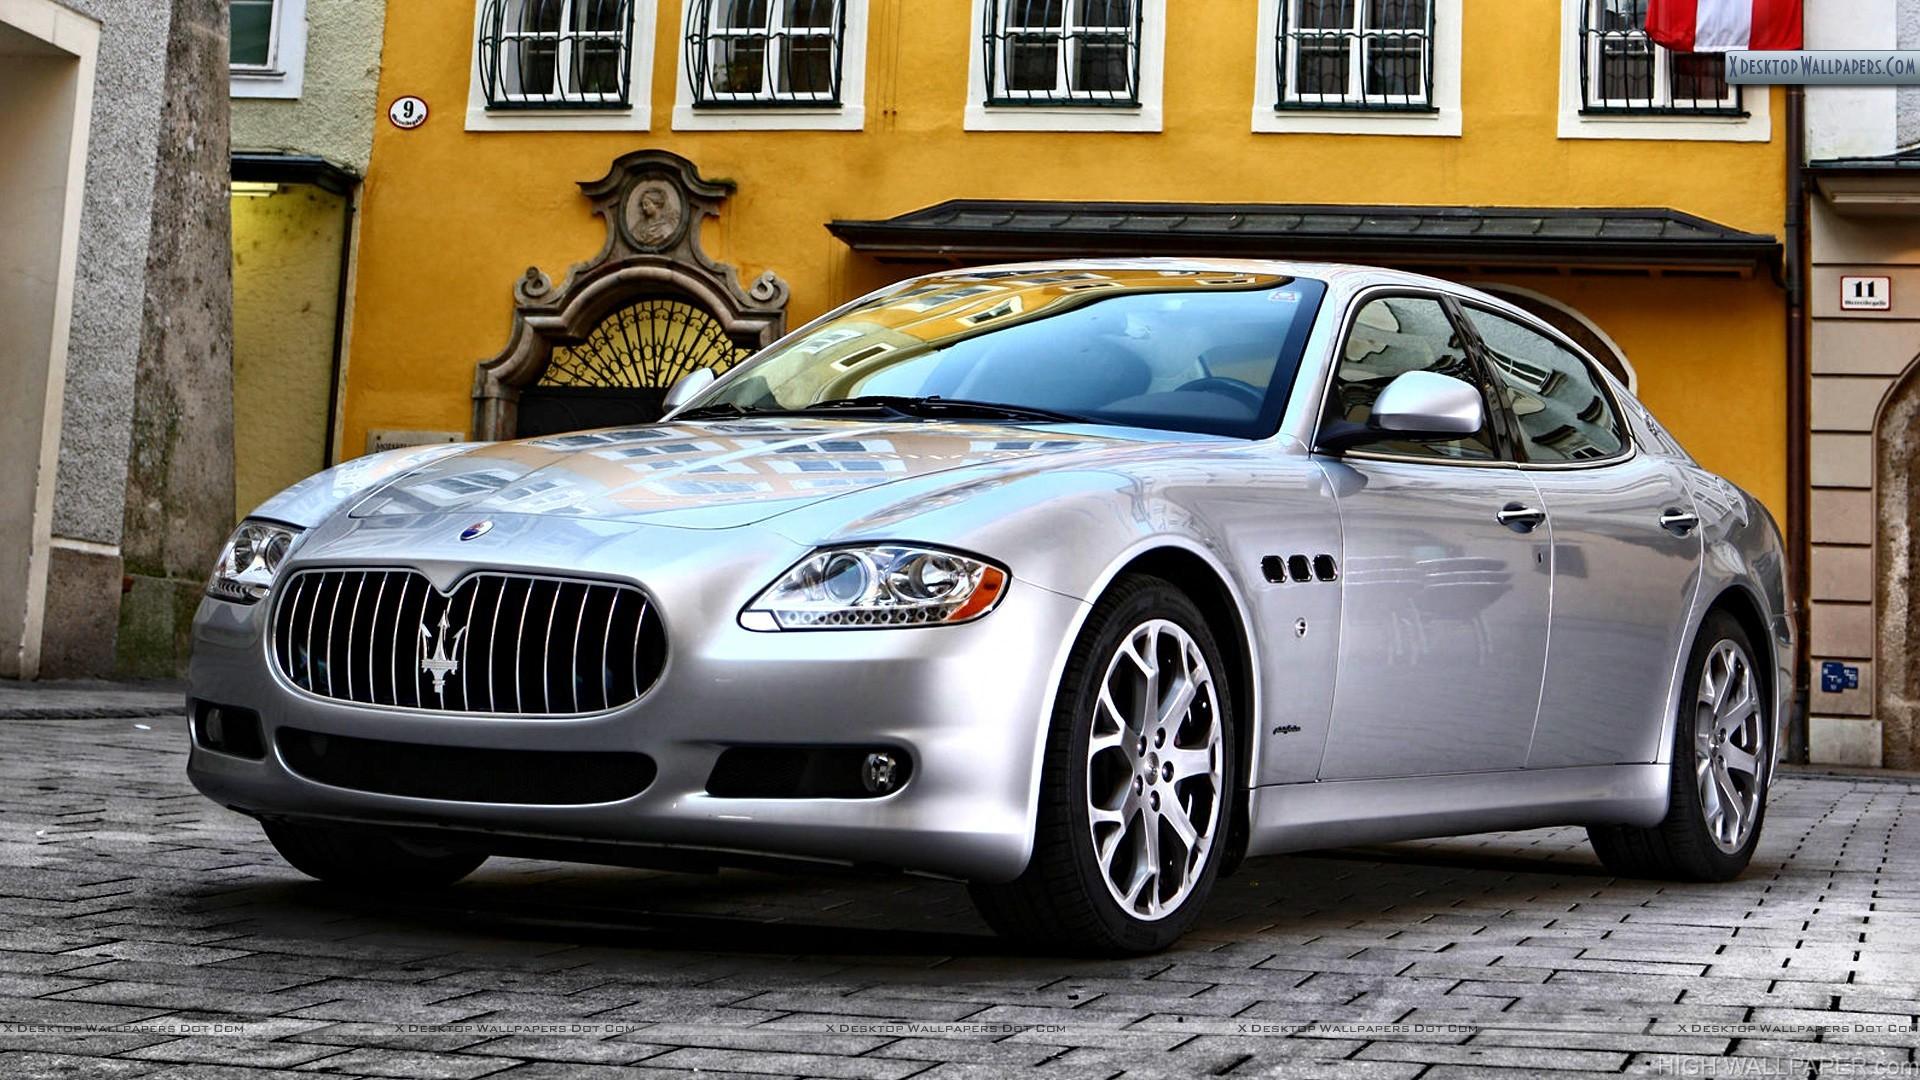 Maserati Quattroporte Front Pose Silver Color